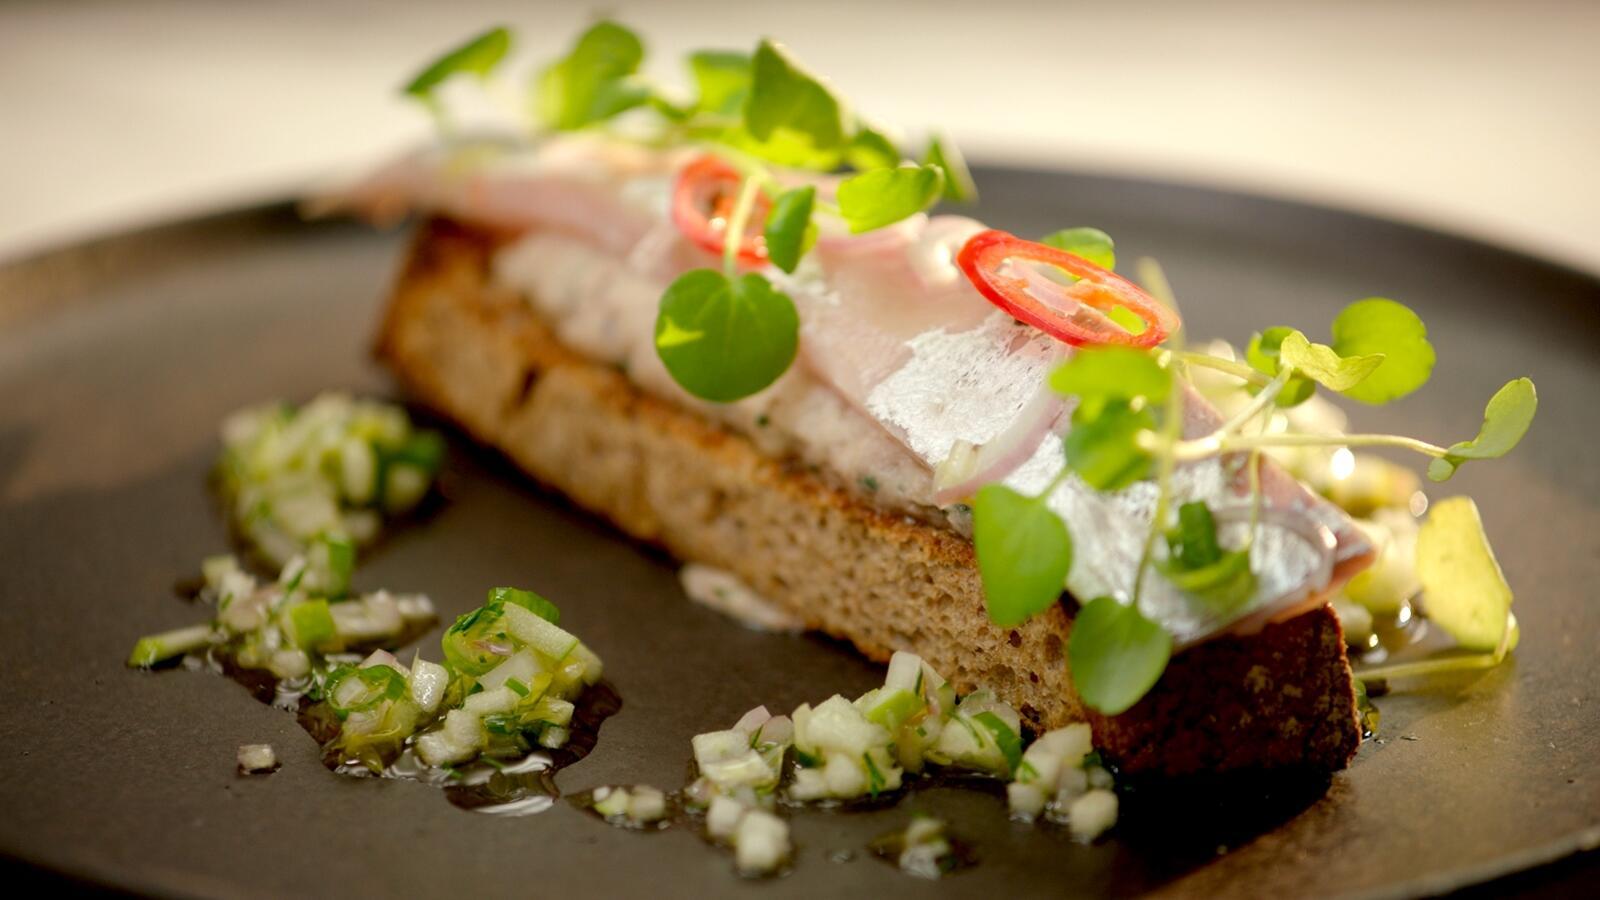 Rillette van makreel en gemarineerde makreel met zuurdesemtoast